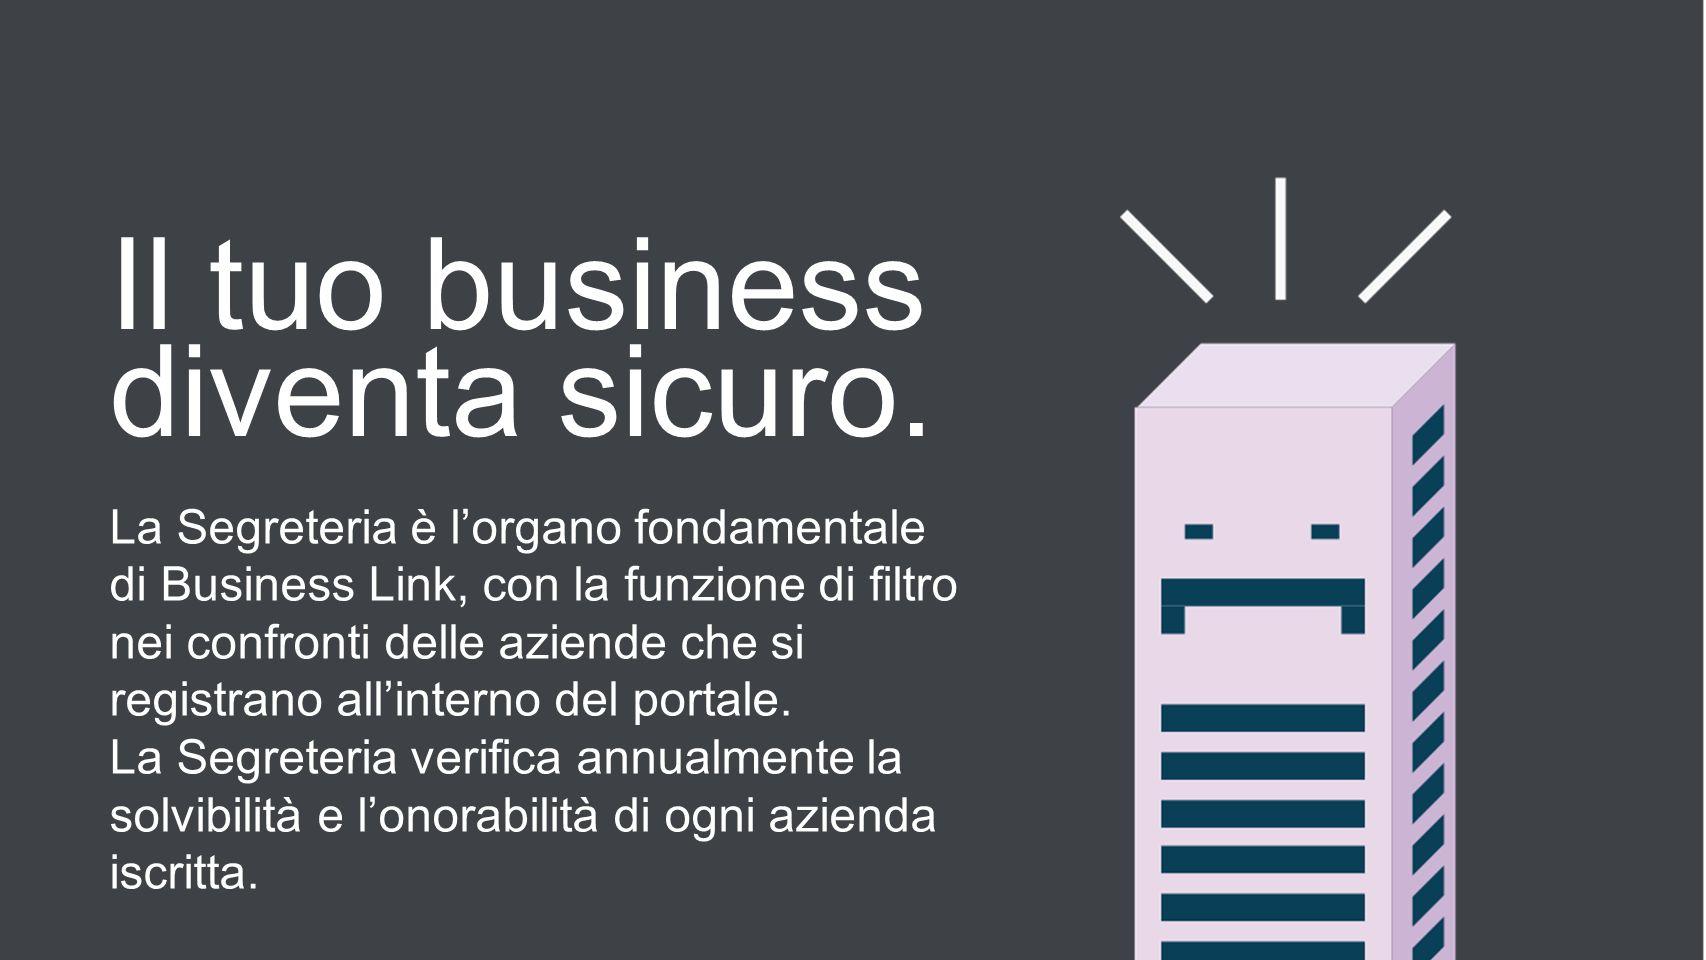 Il tuo business diventa sicuro.